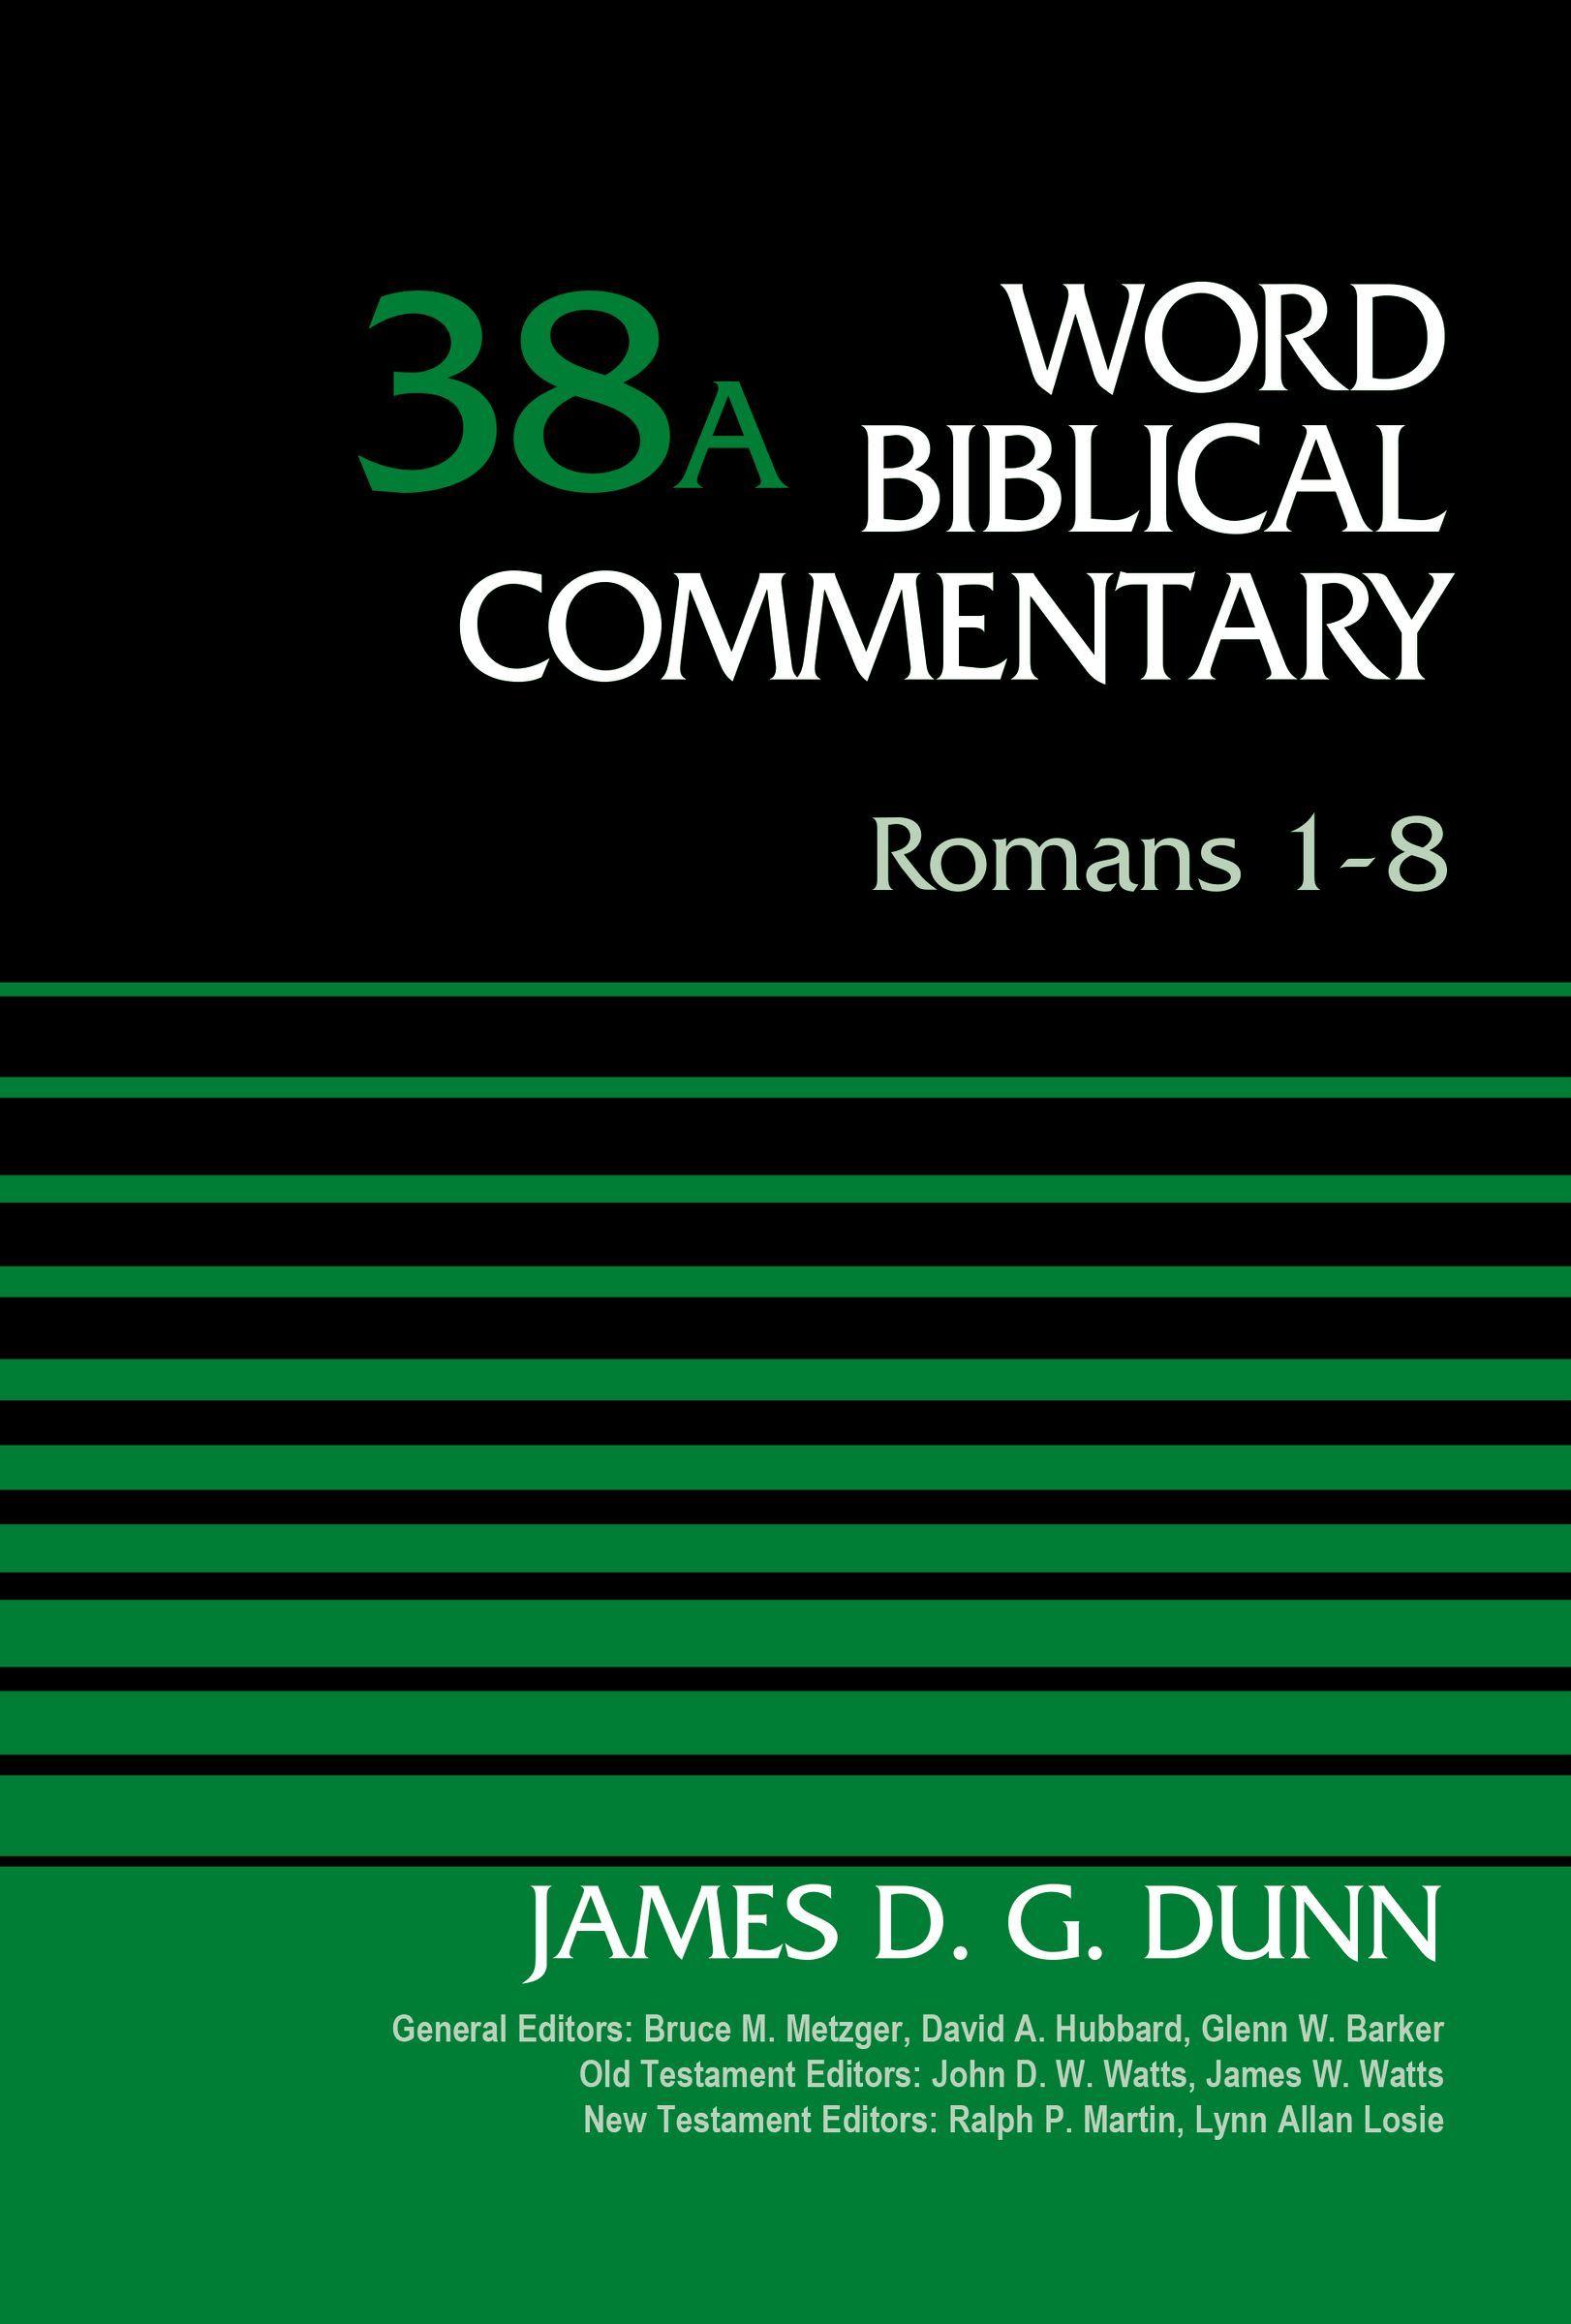 Romans 1-8, Volume 38A James D. G. Dunn